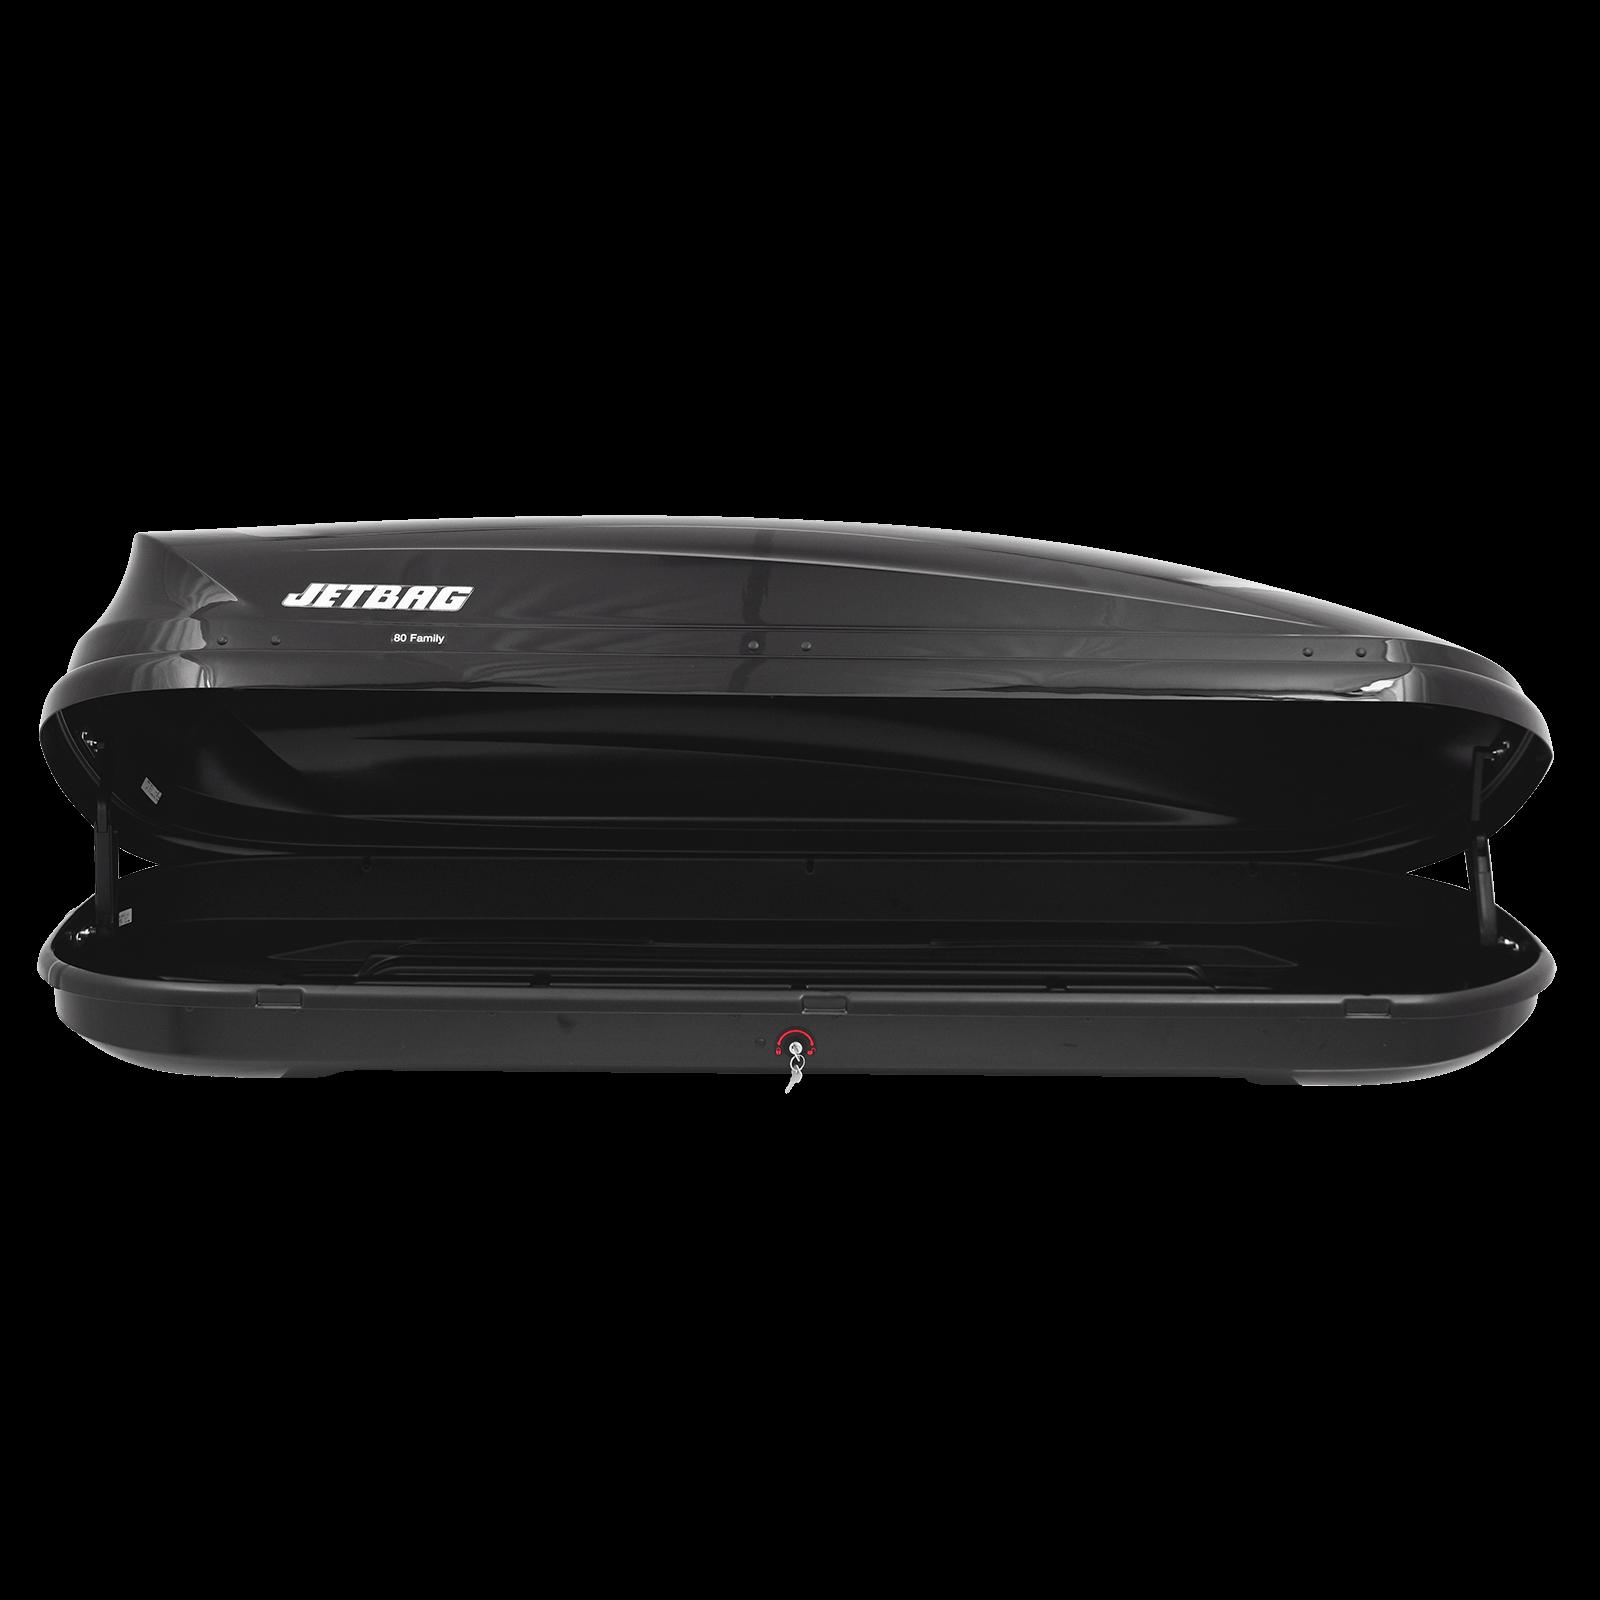 Dachbox Jetbag 80 Family schwarz glänzend - Bild 2